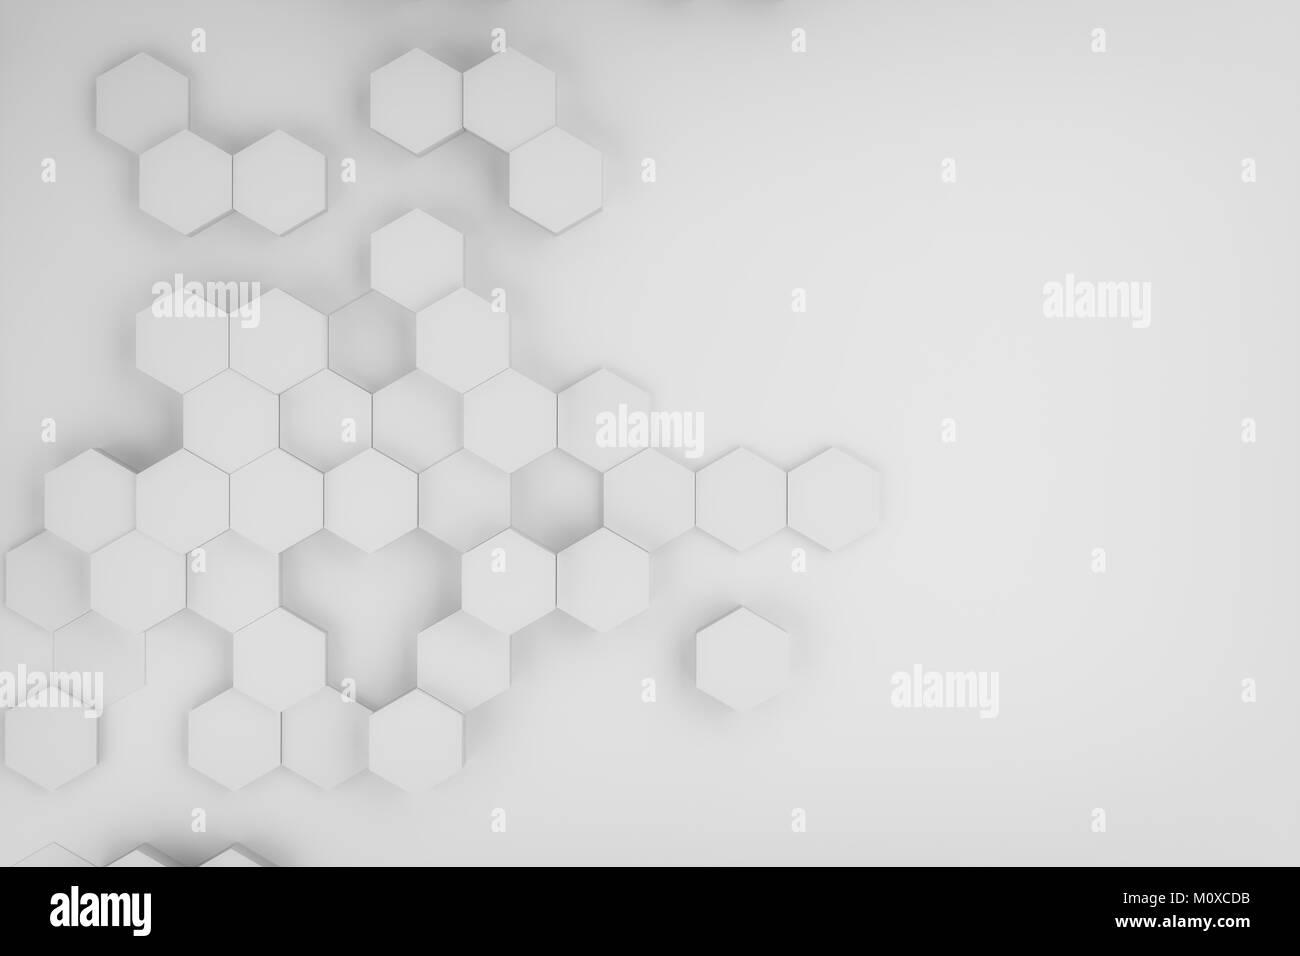 Le rendu 3D de résumé contexte hexagonal Photo Stock